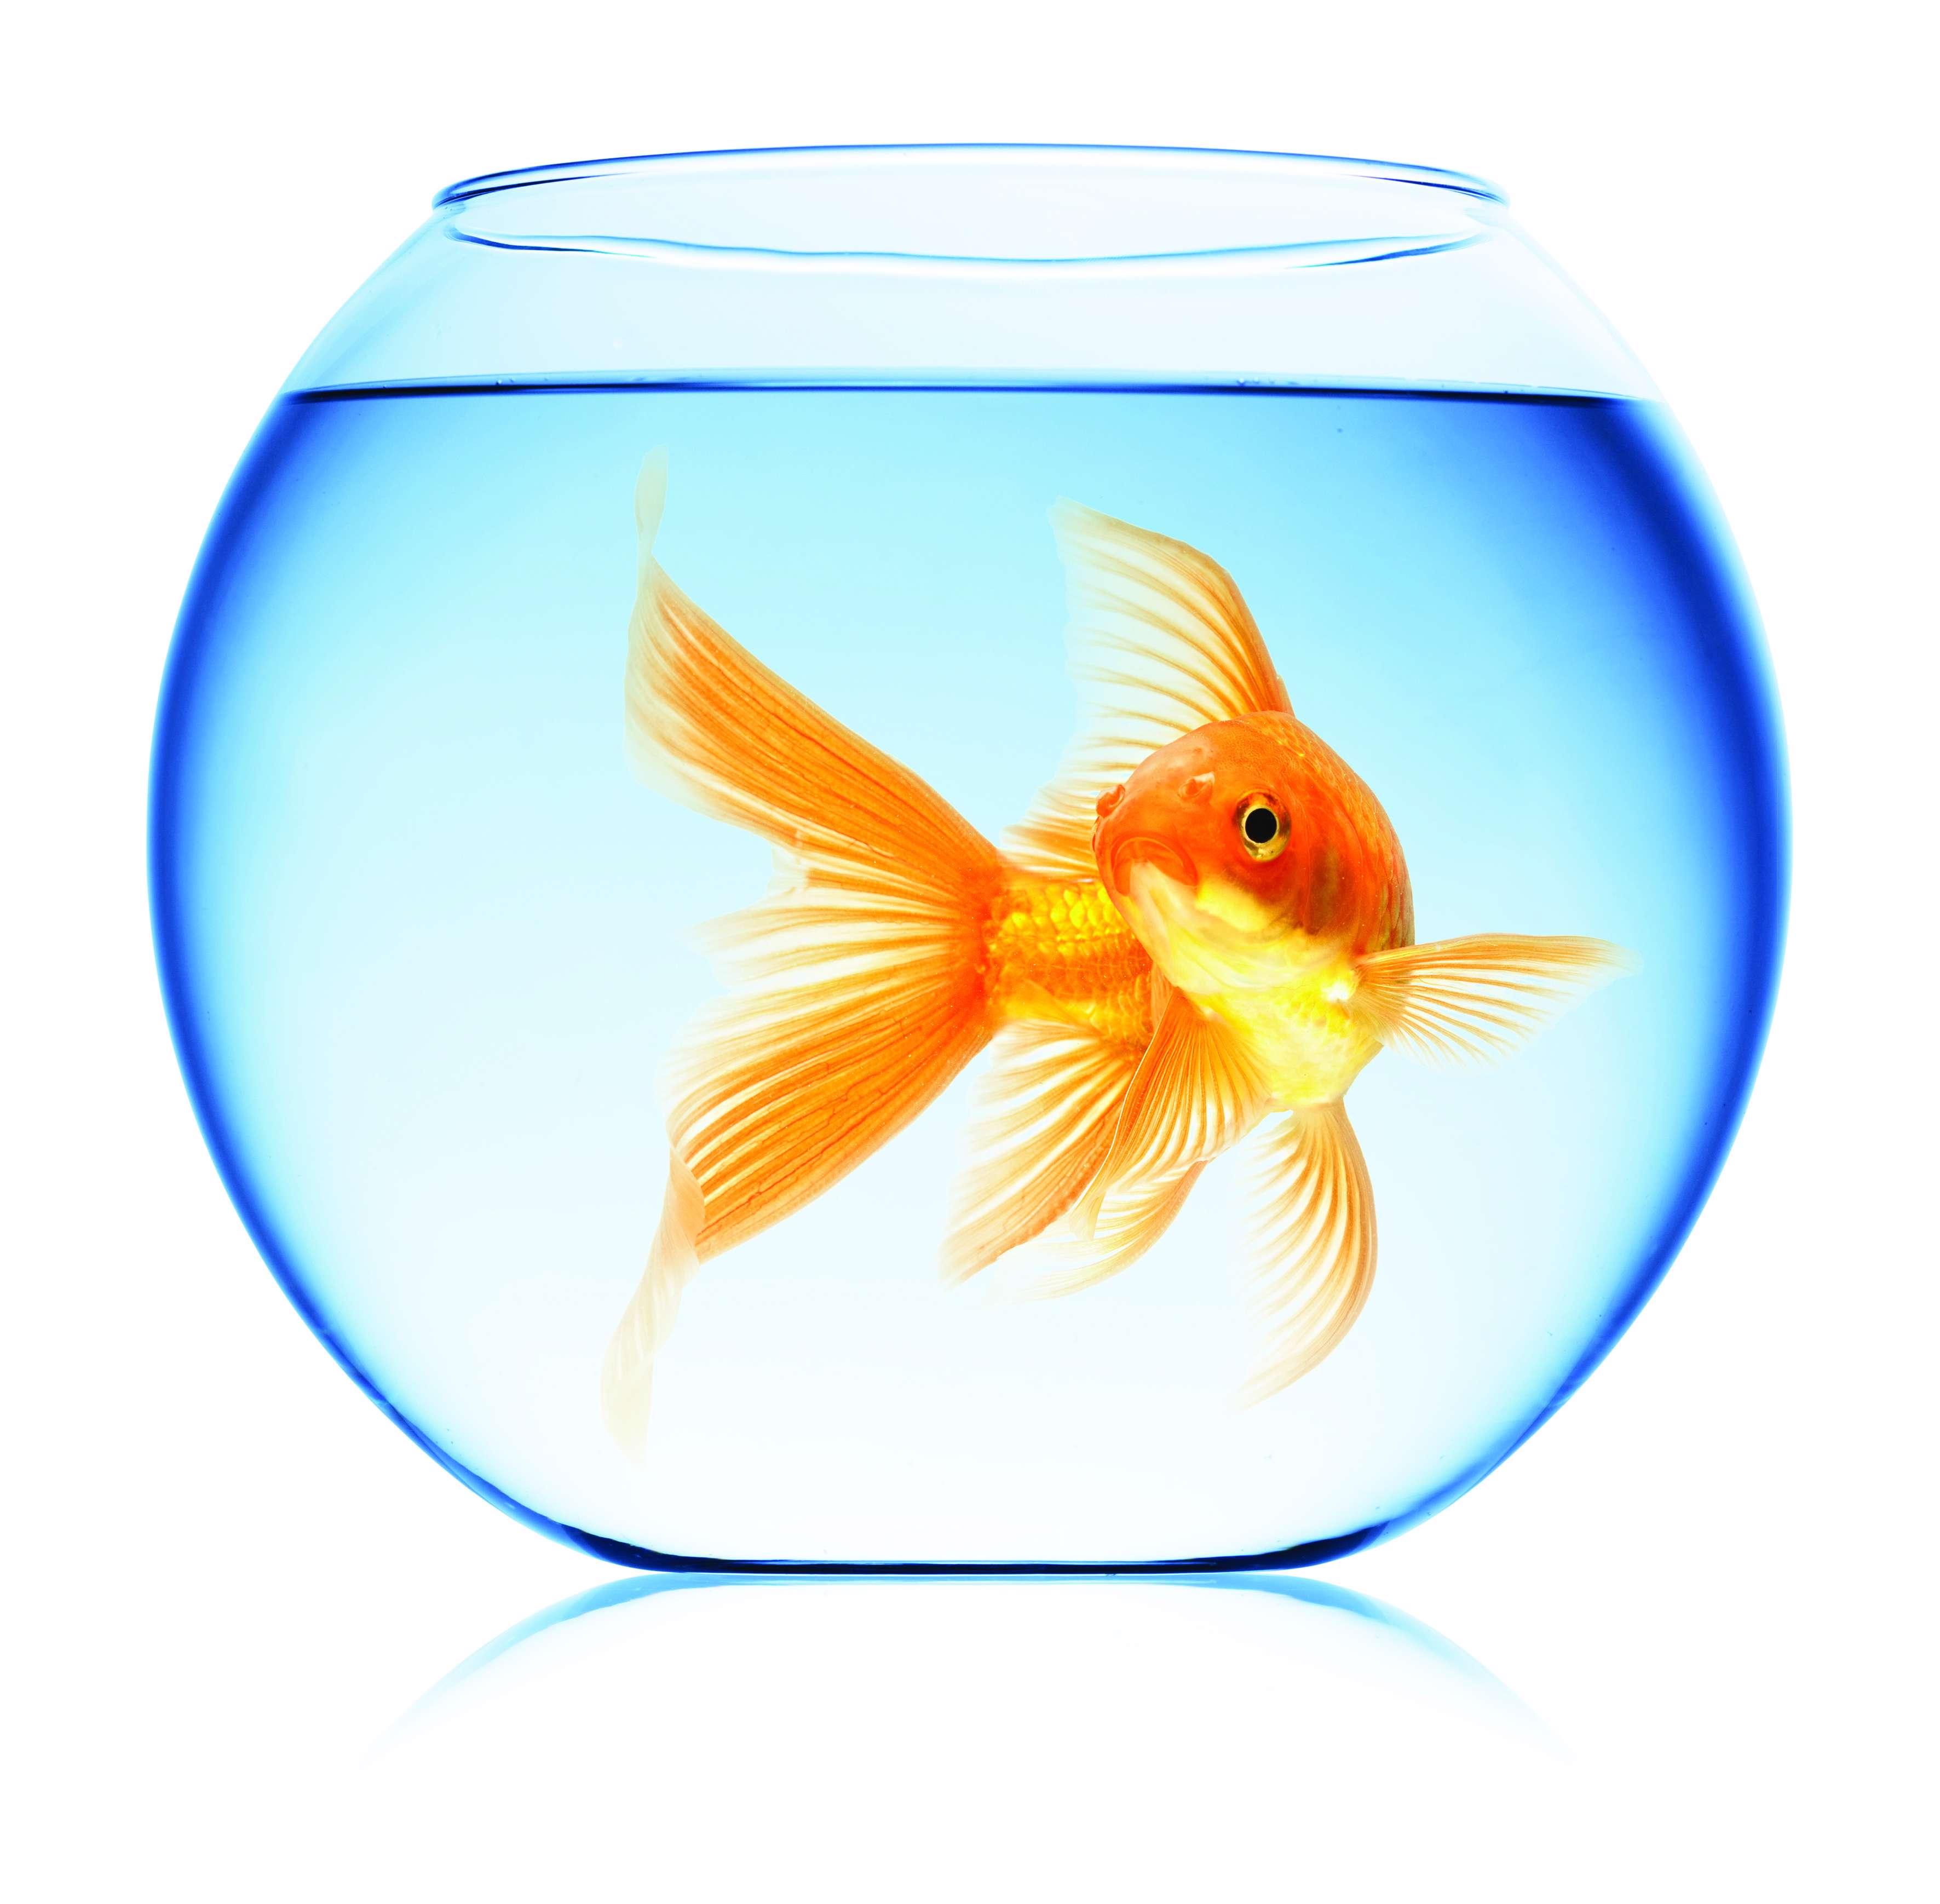 انواع تنگ ماهی ماهی قرمز - گنجینه تصاویر تبيان